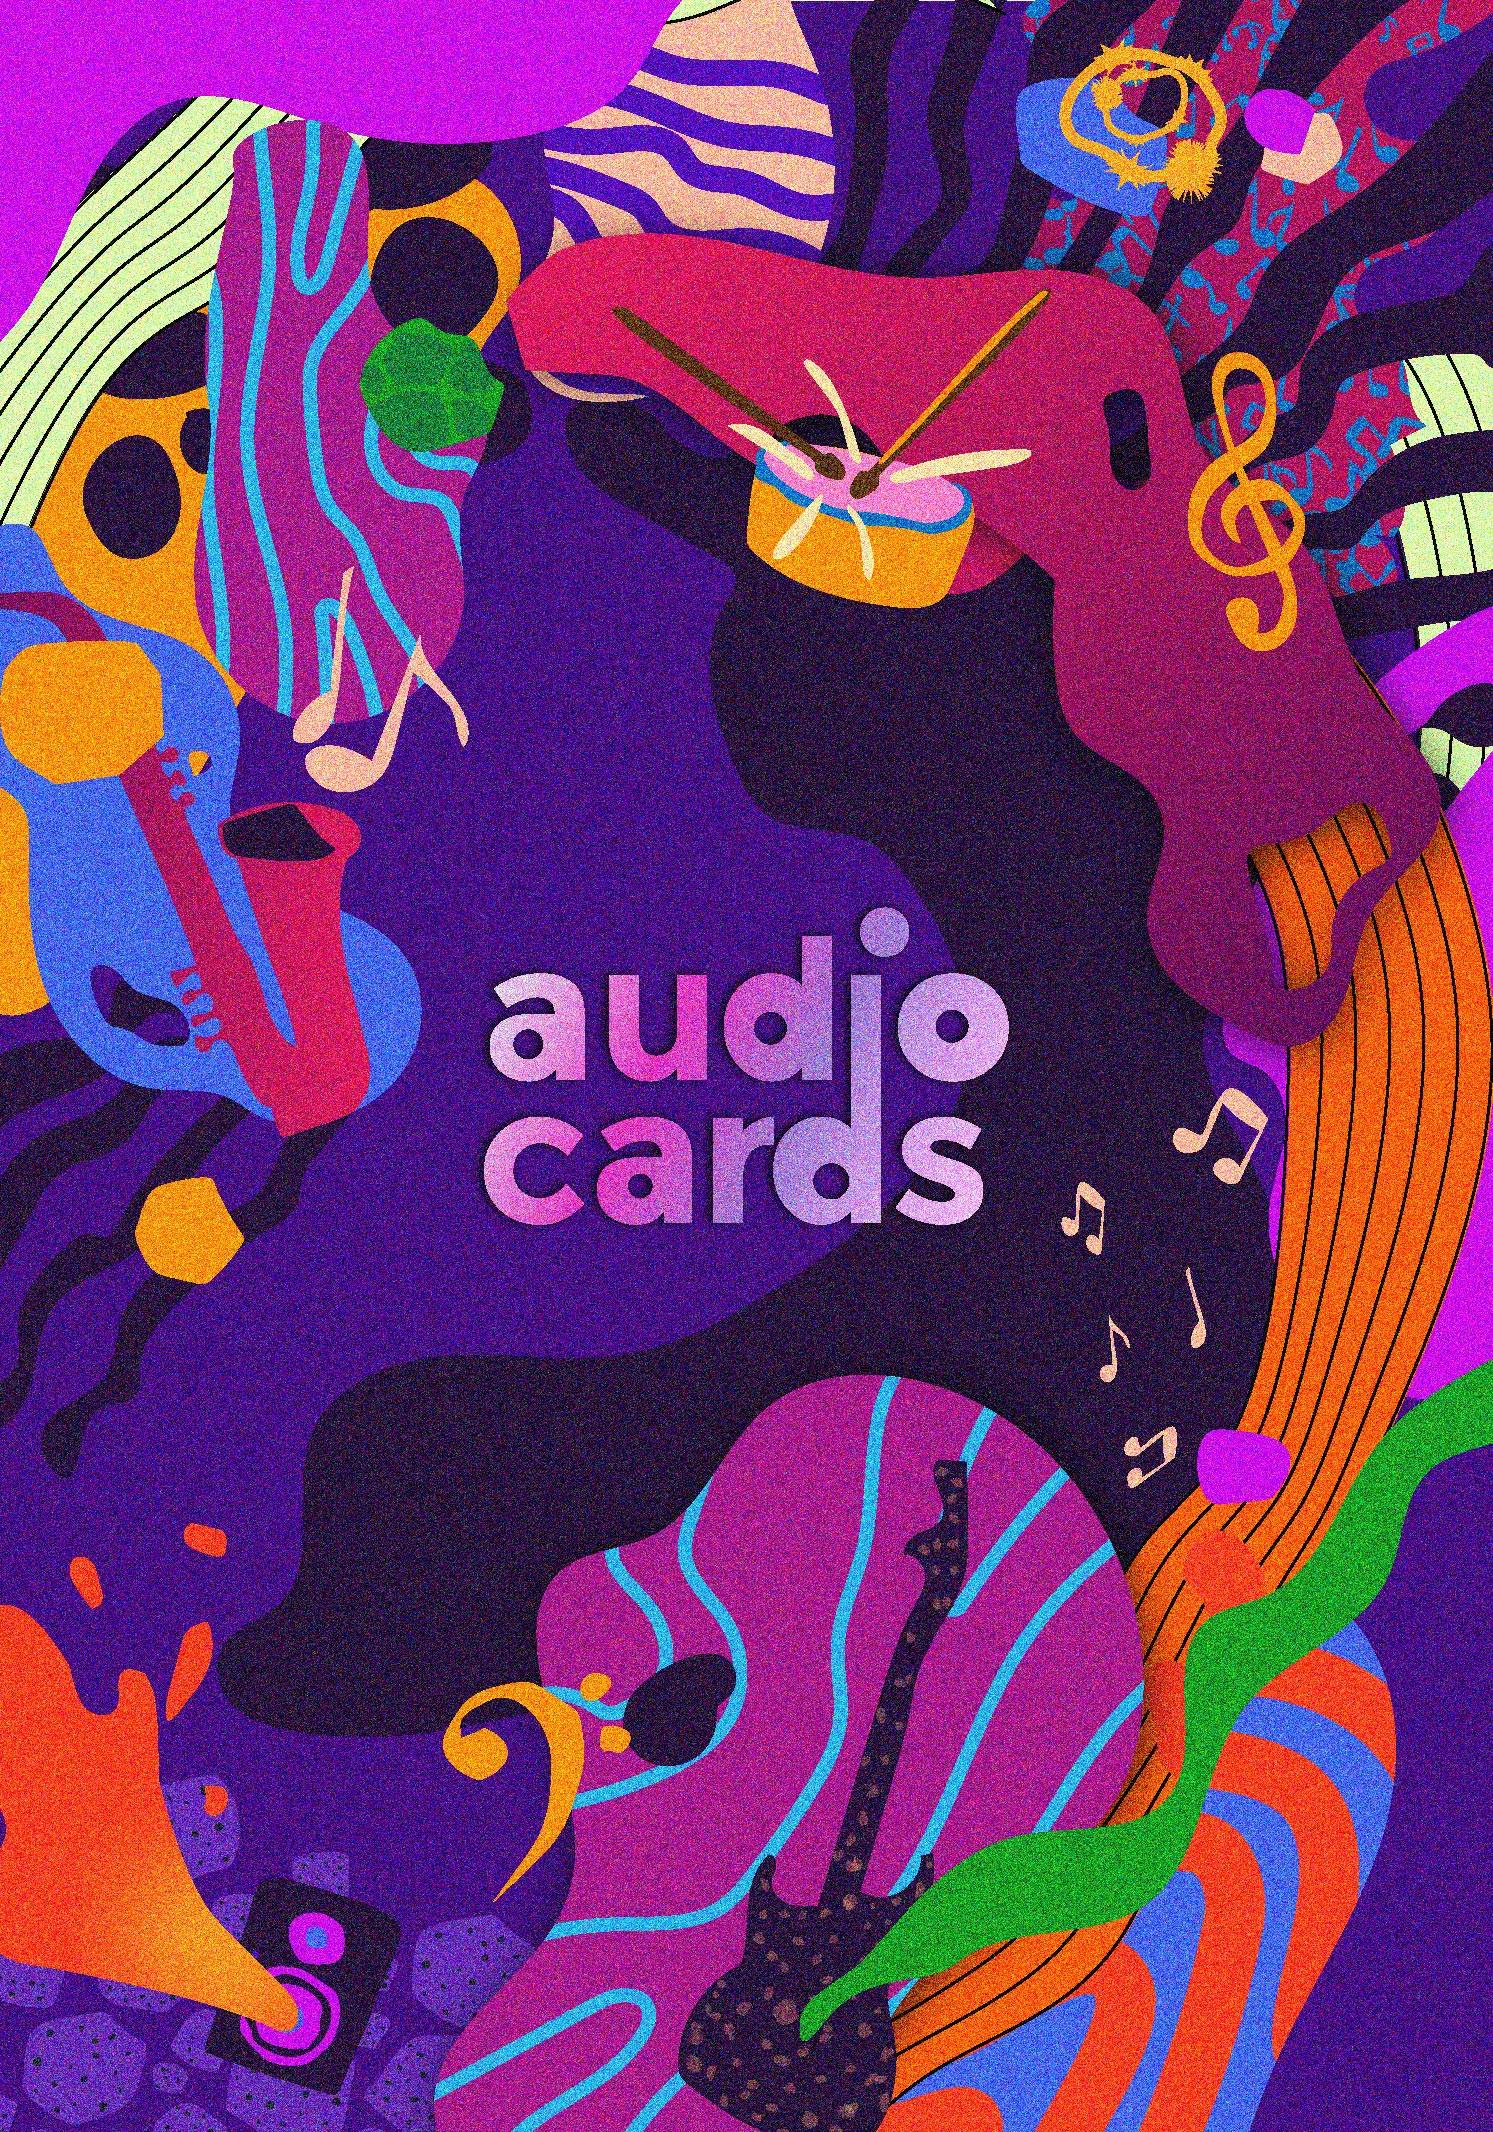 Audio Cards